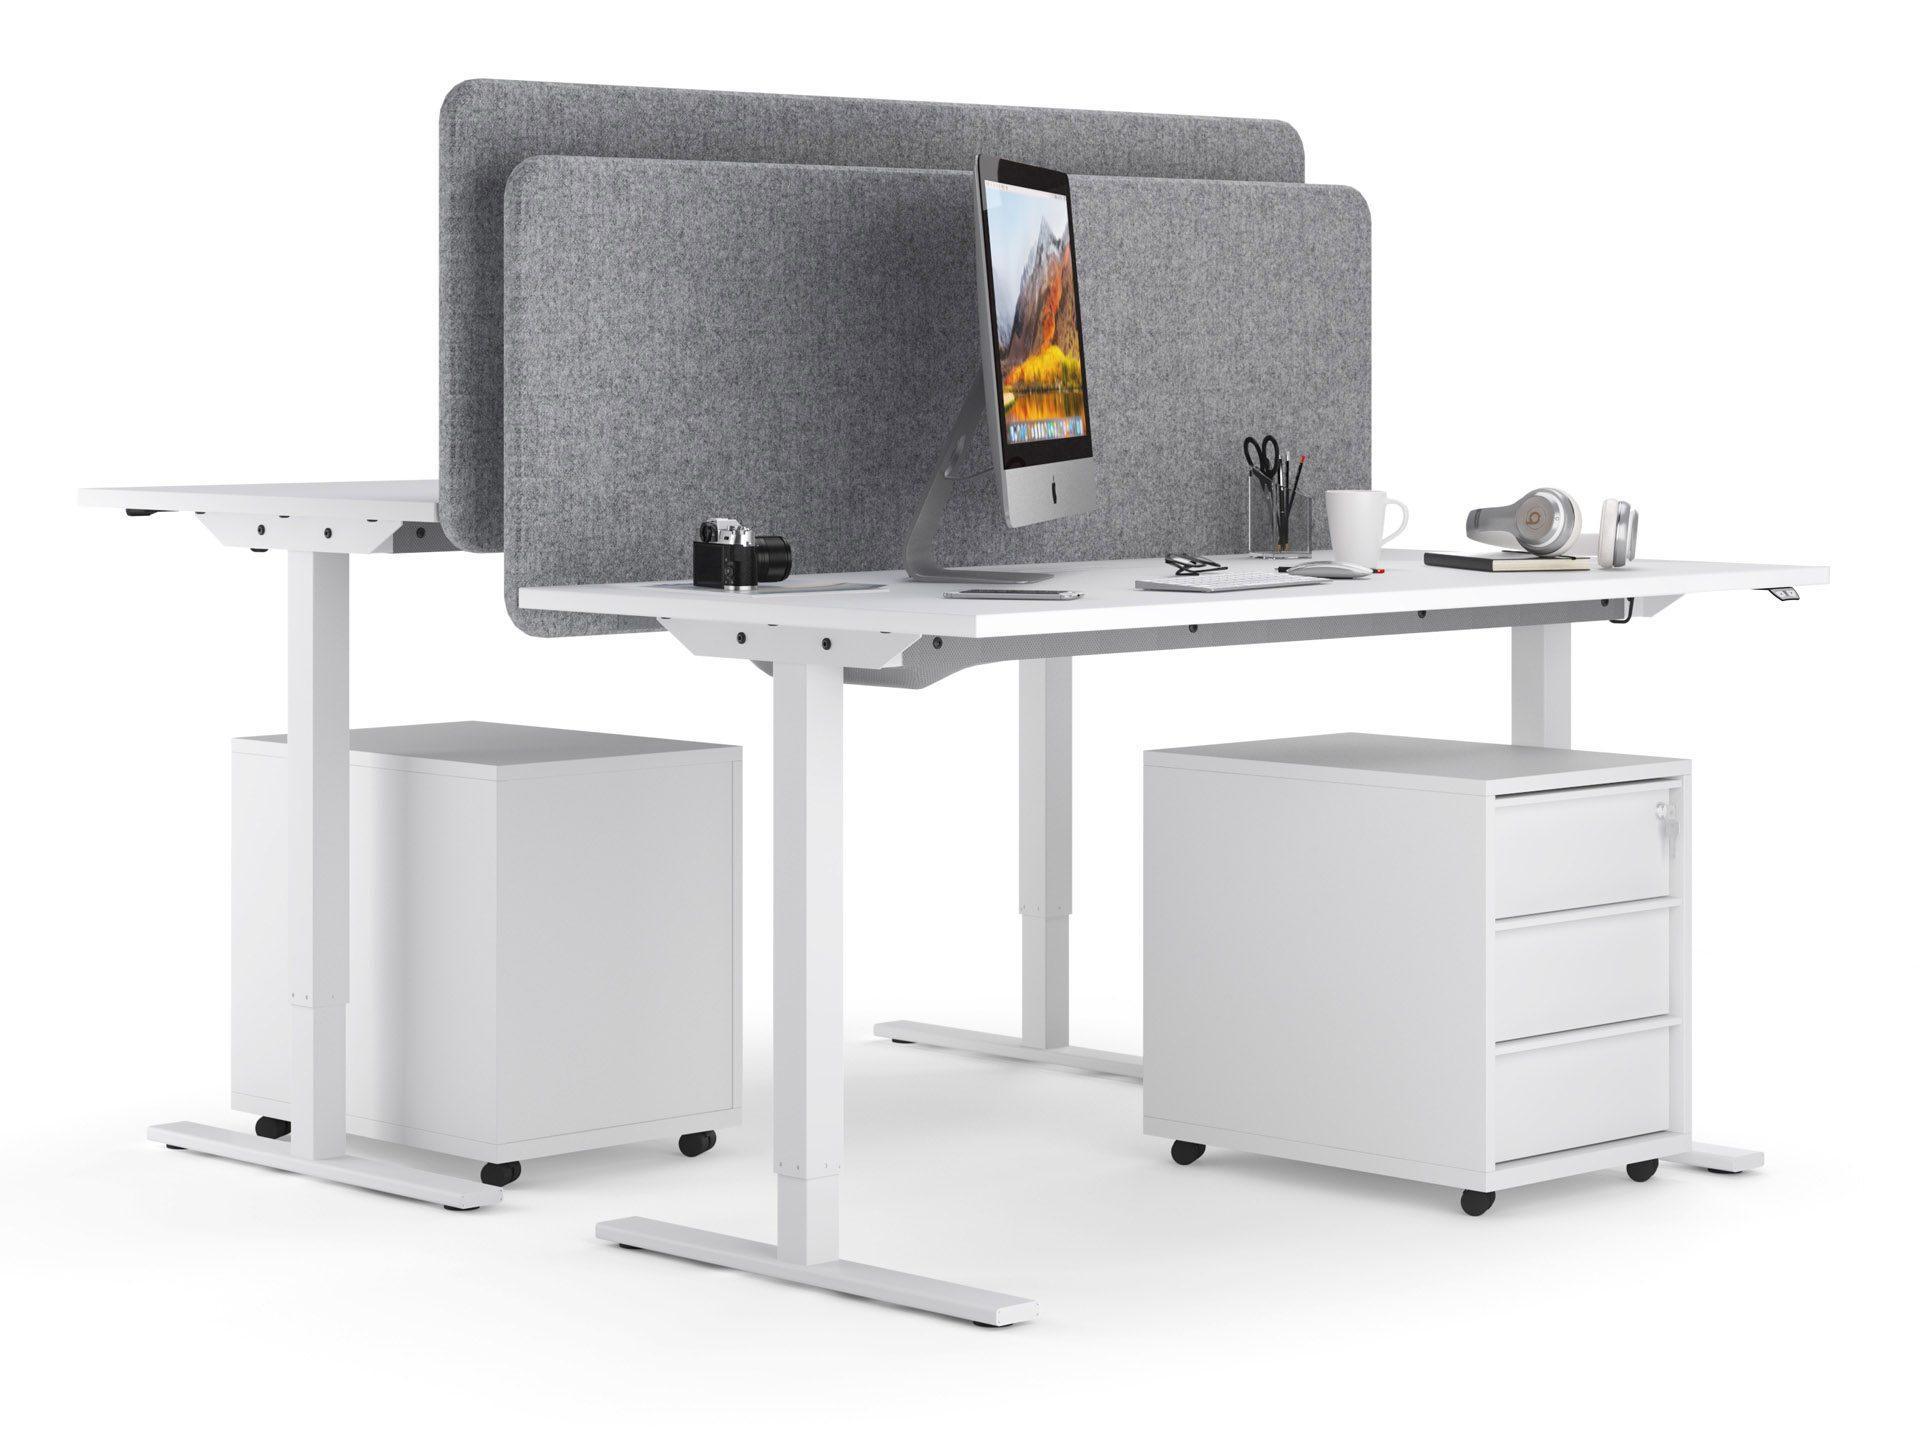 Manuāli augstumā regulējams galds ir laba izvēle gan mājām, gan birojiem